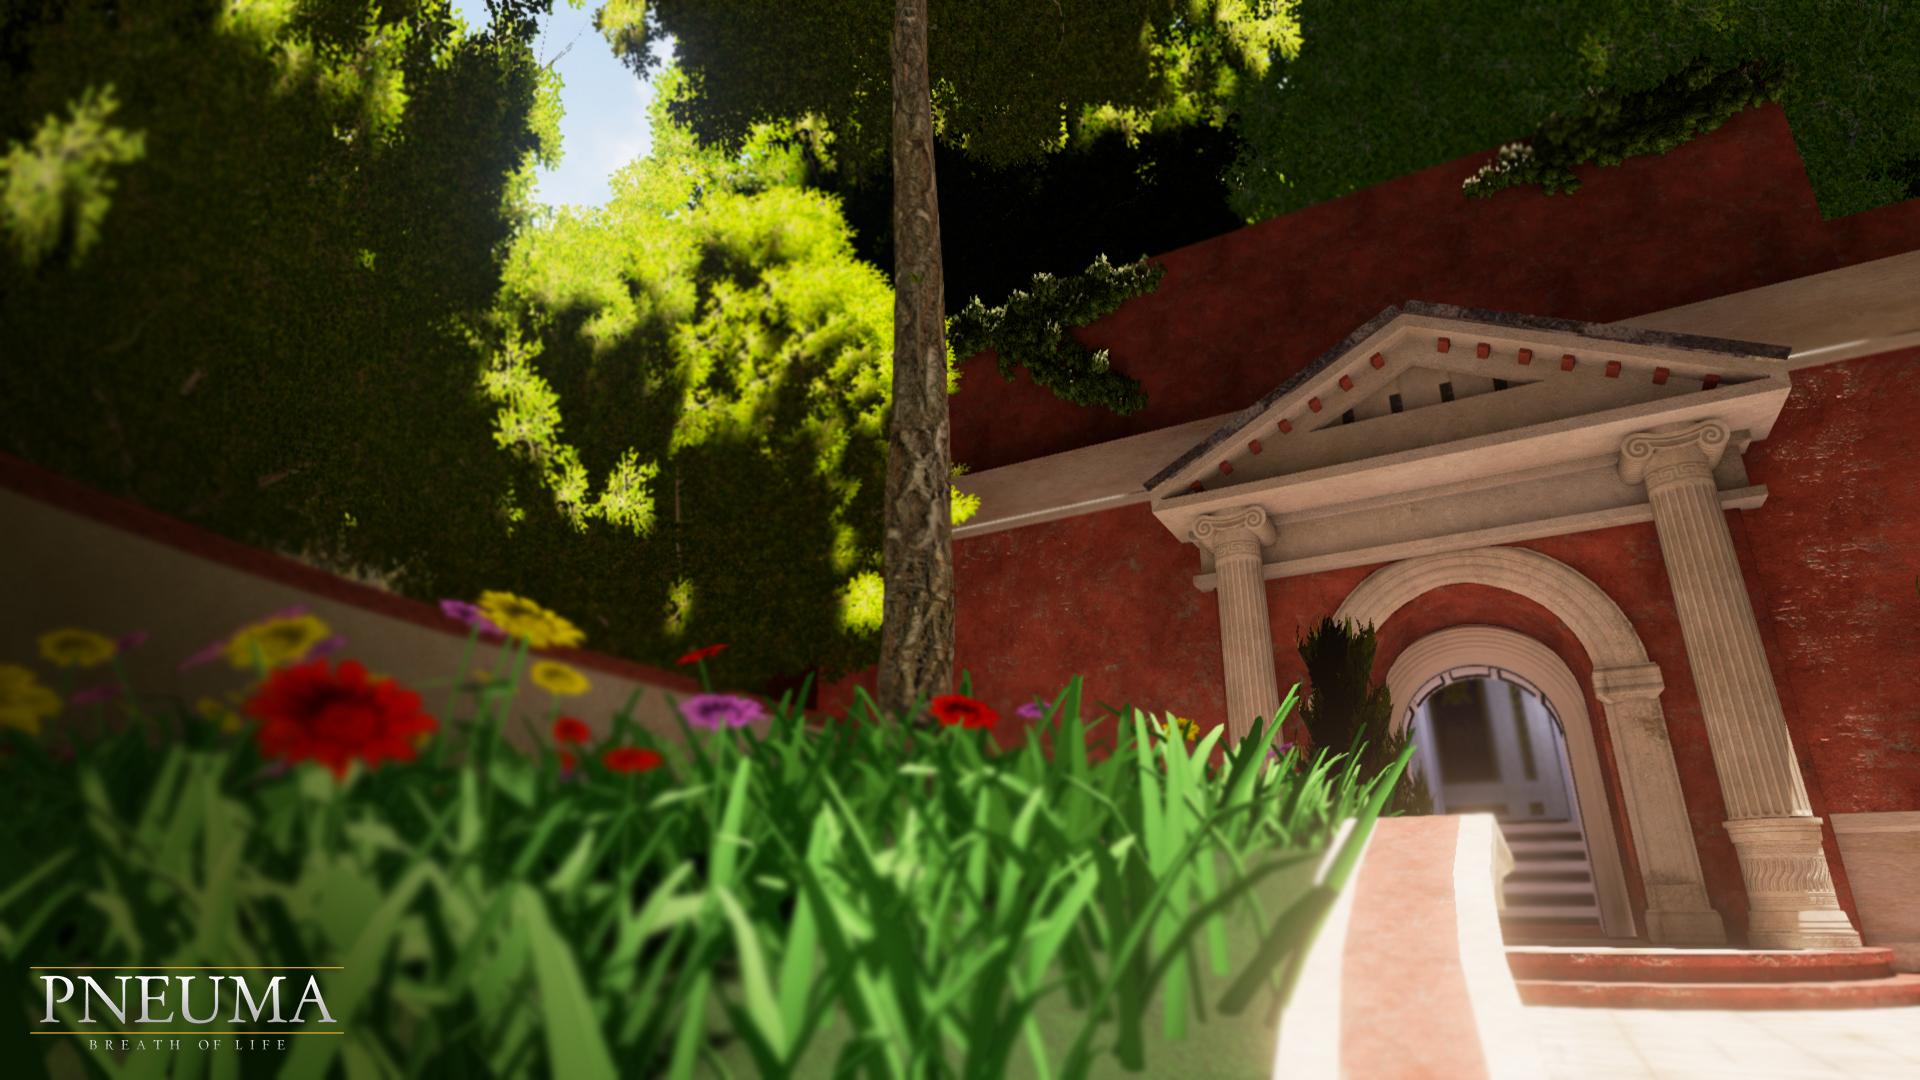 http://fs1.directupload.net/images/150227/q2ybwpyg.jpg